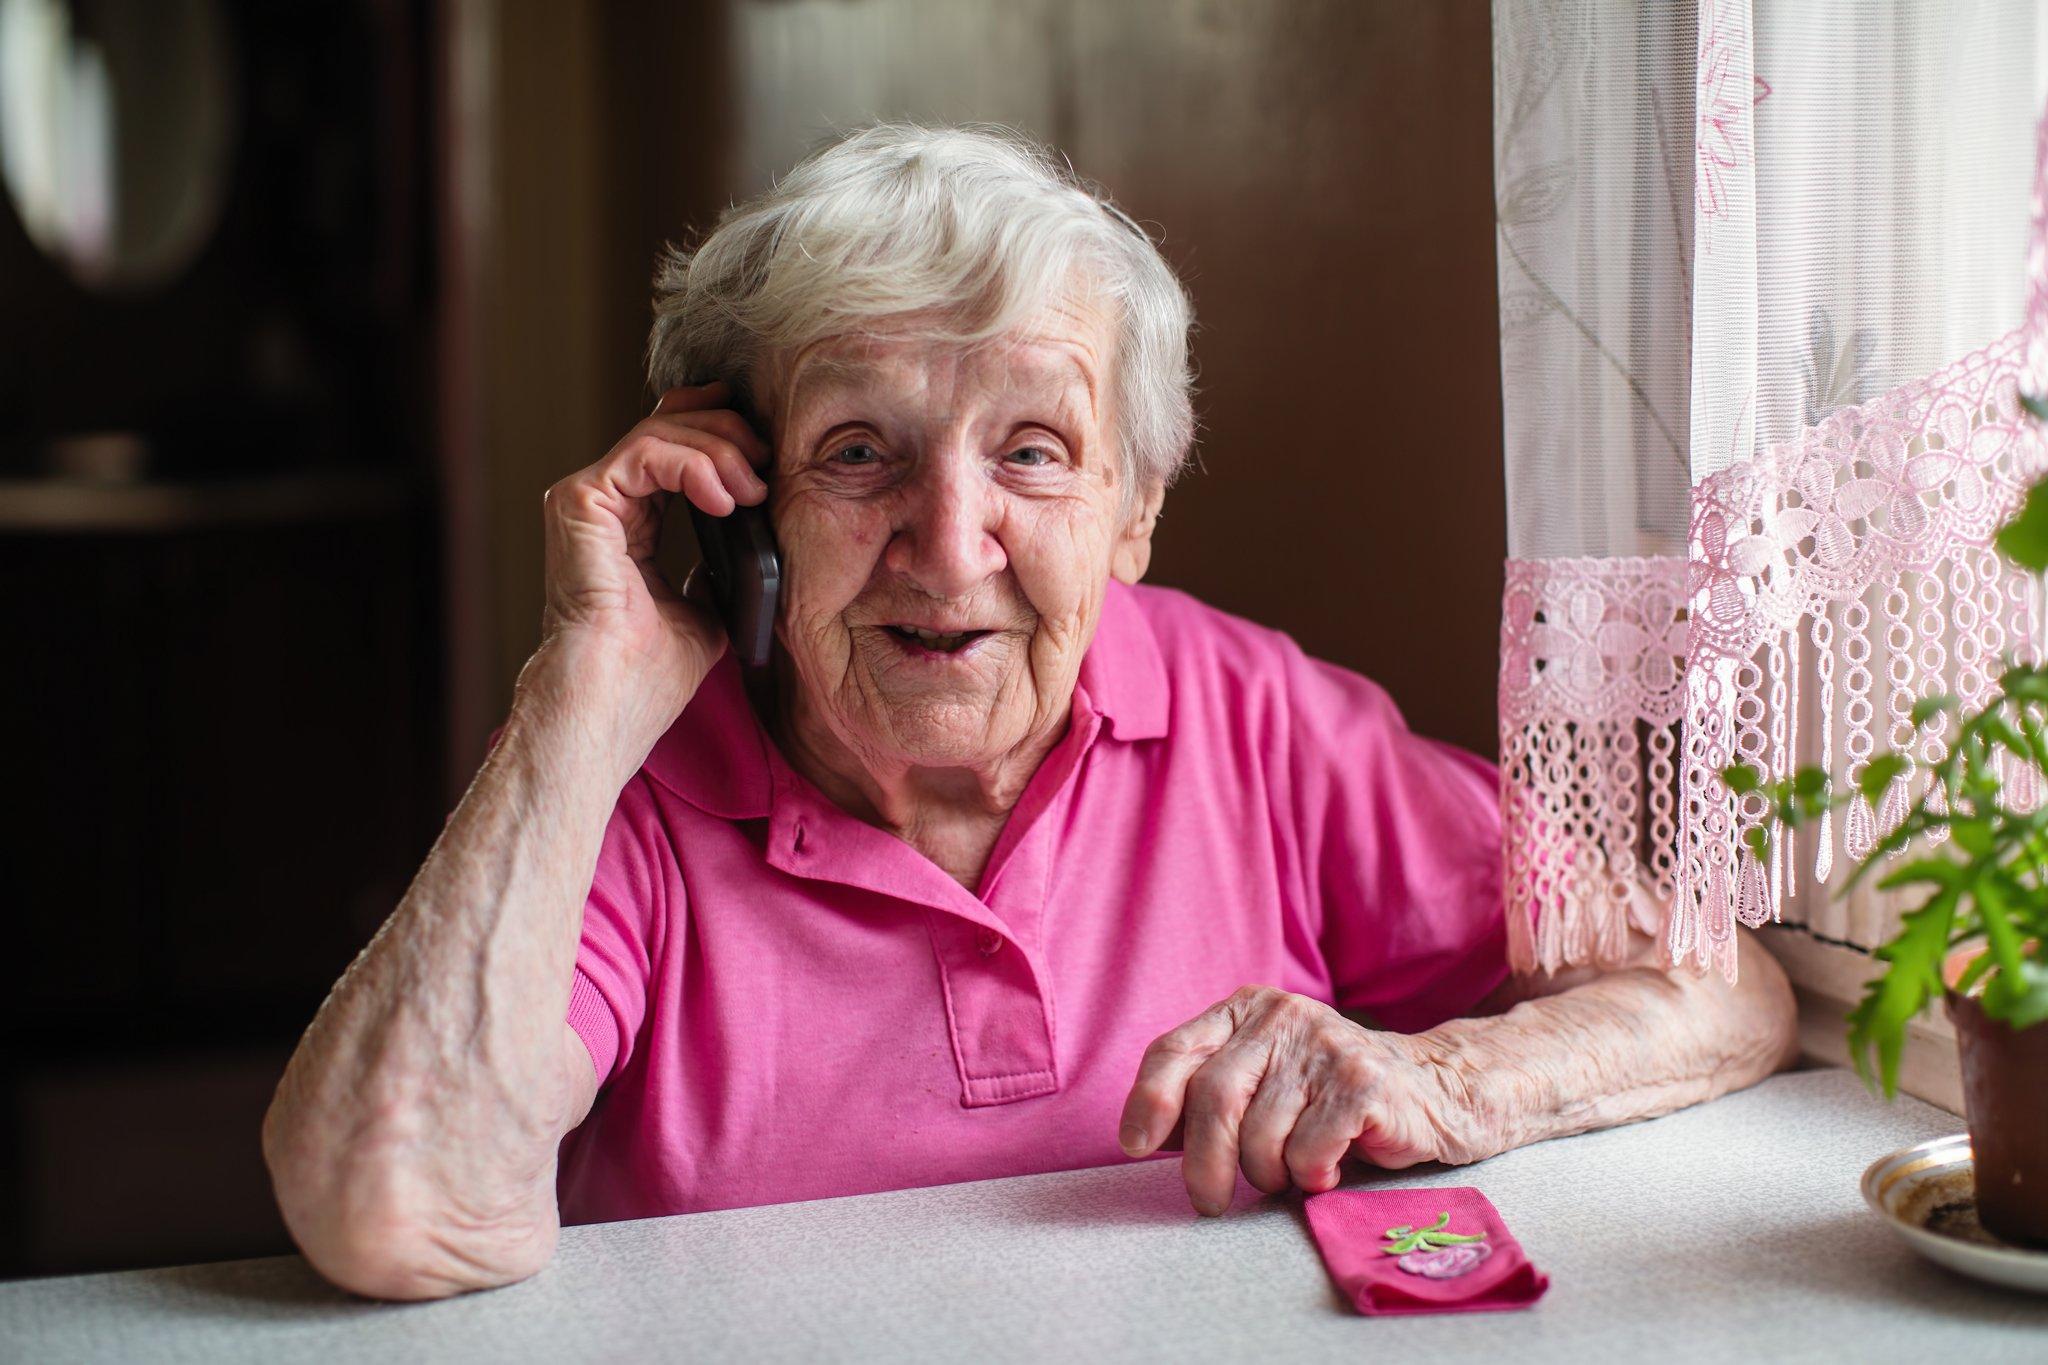 grandma_onphone